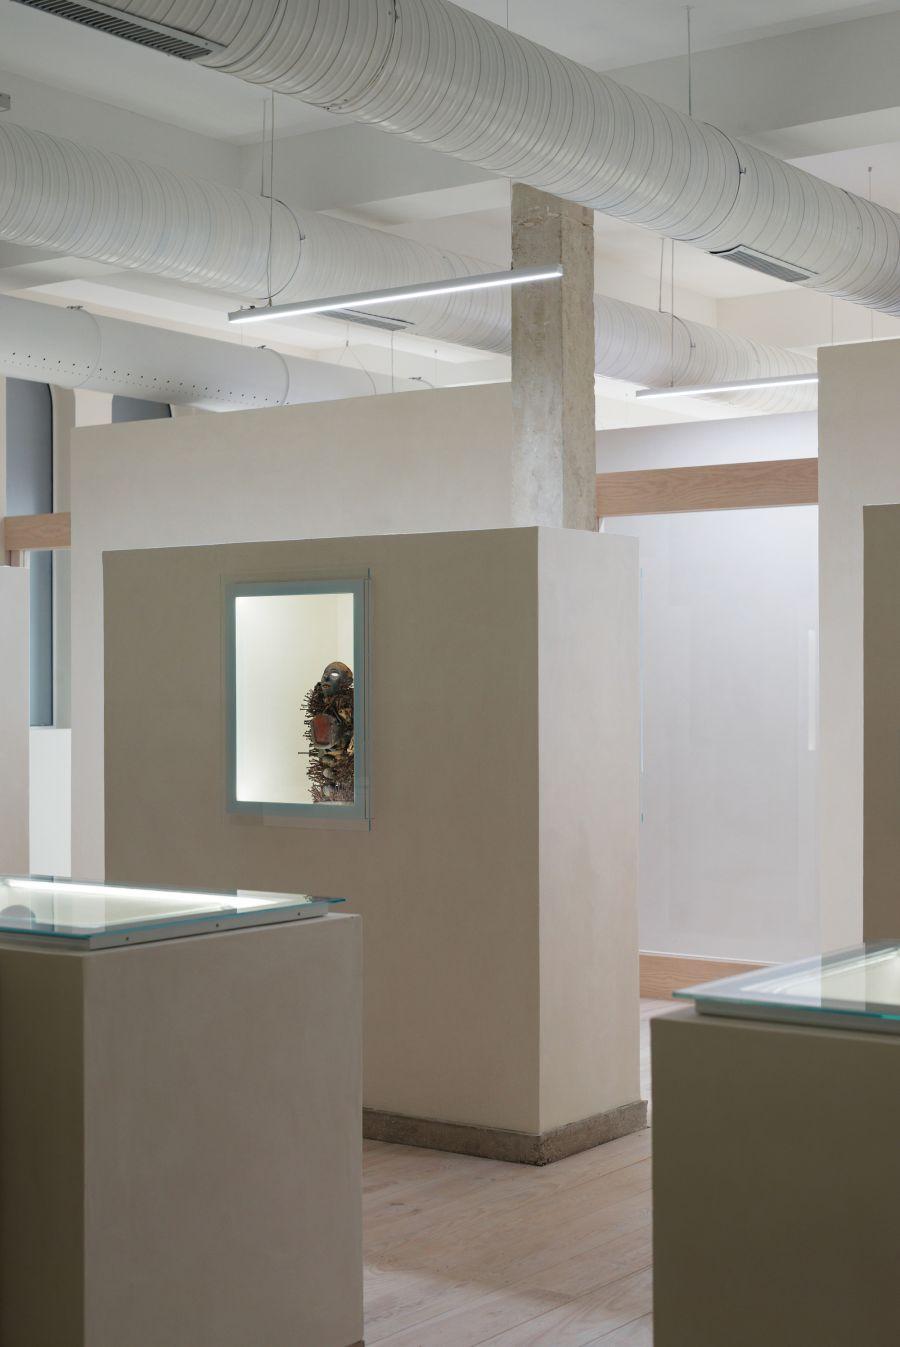 Musée Spiritain des Arts Africains - Arch. NeM, Gernay Architecte - Photo : Cyril Weiner